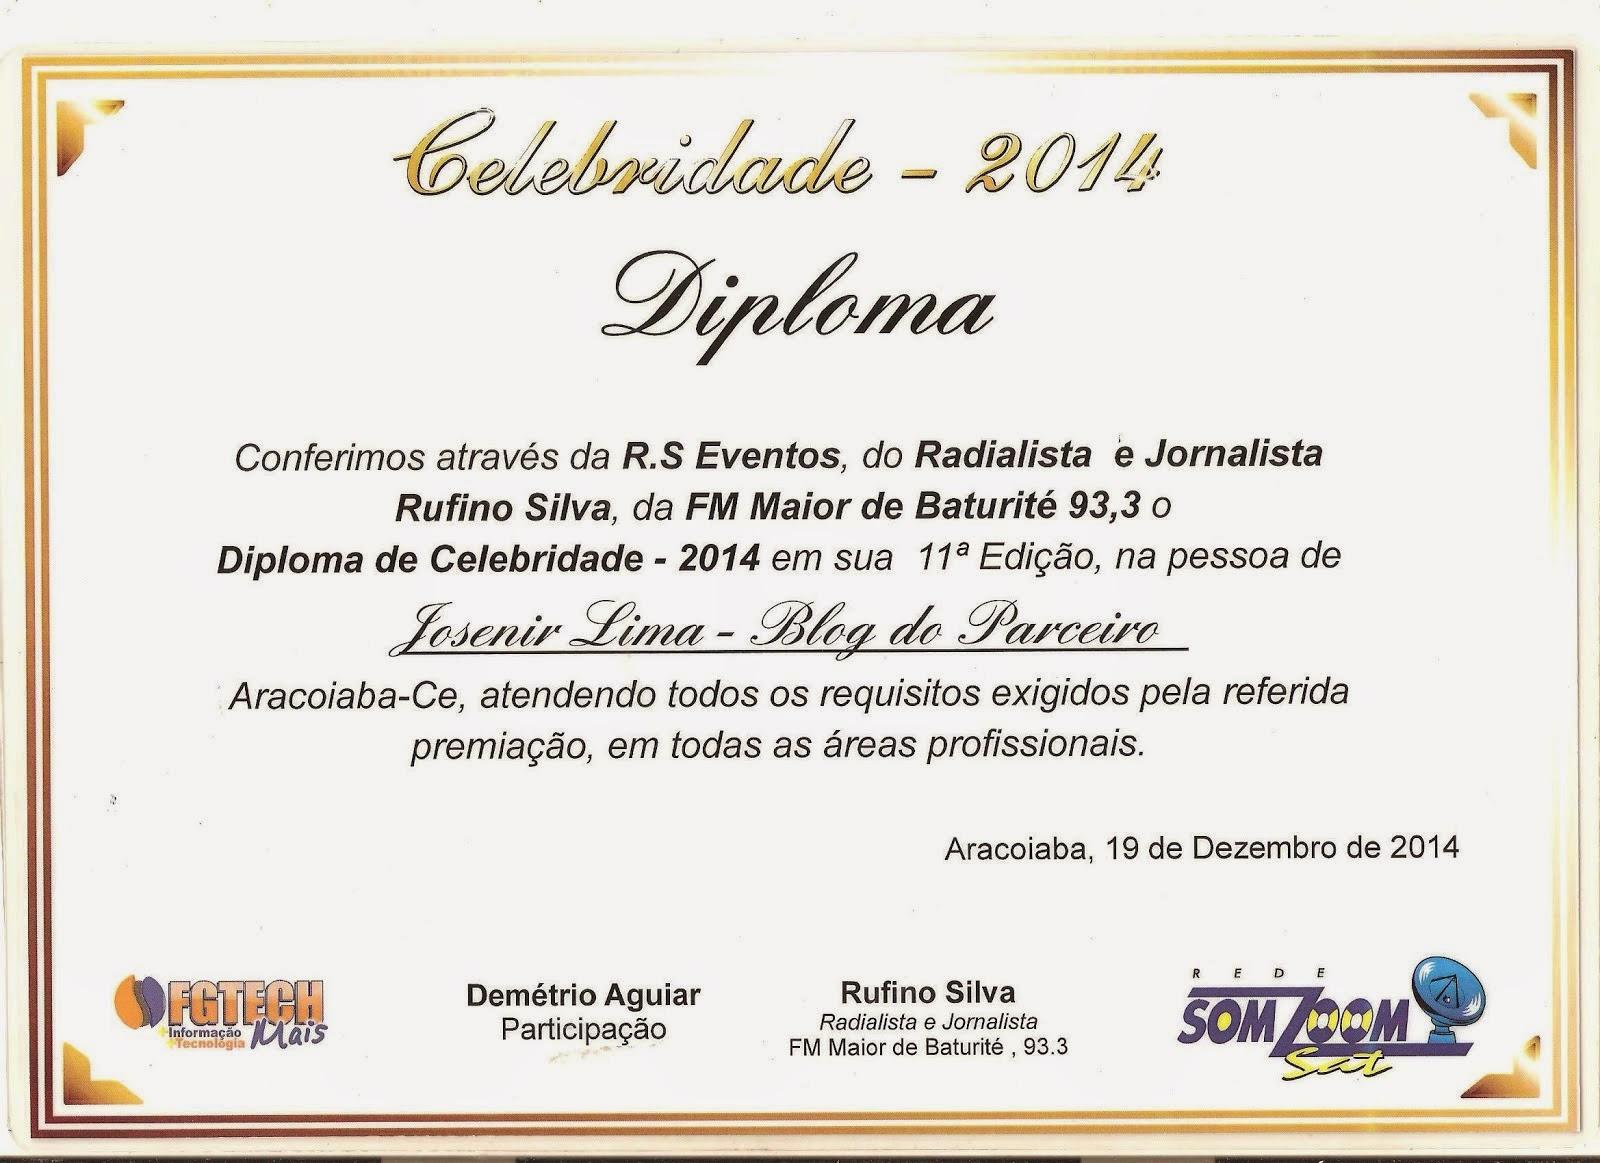 Prêmio Celebridade 2014 - BLOG DO PARCEIRO